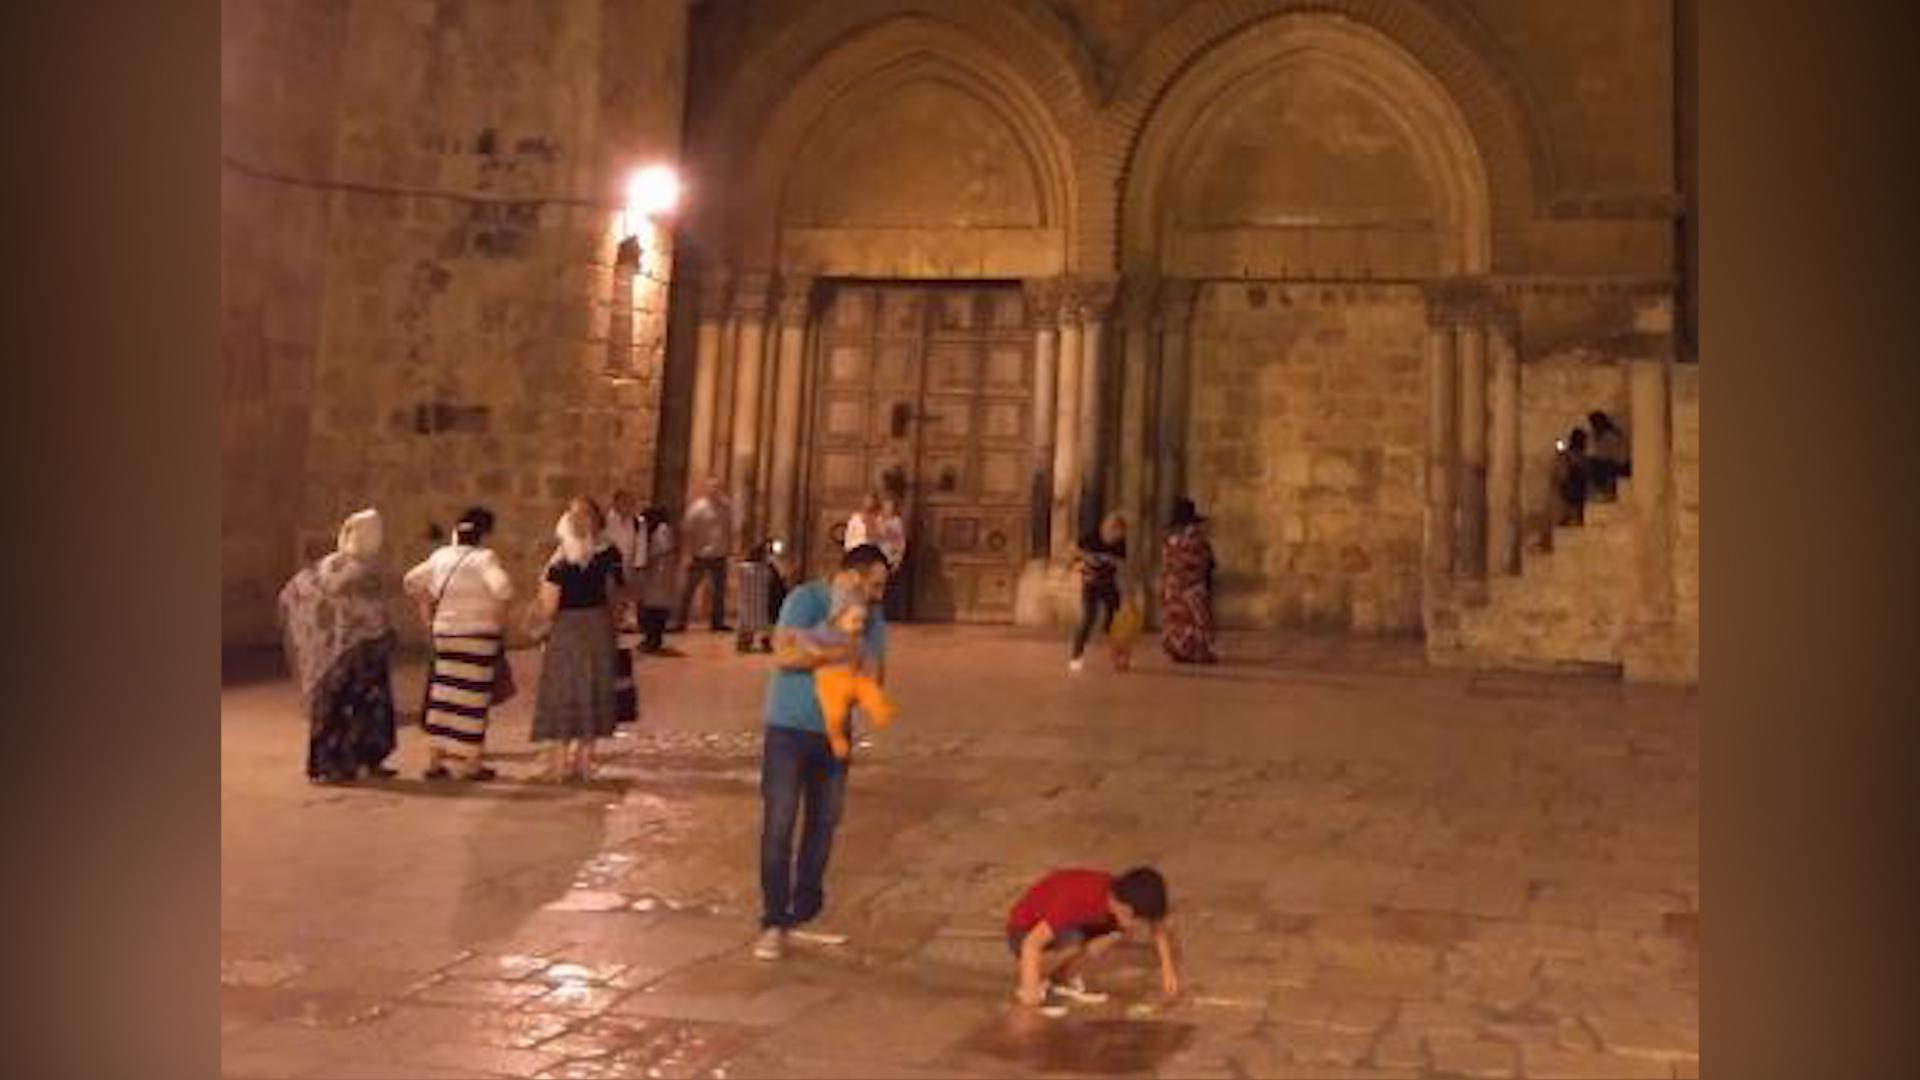 Piața din fața Bisericii Sfântului Mormânt este surprinzătoare după plecarea turiștilor și pelerinilor